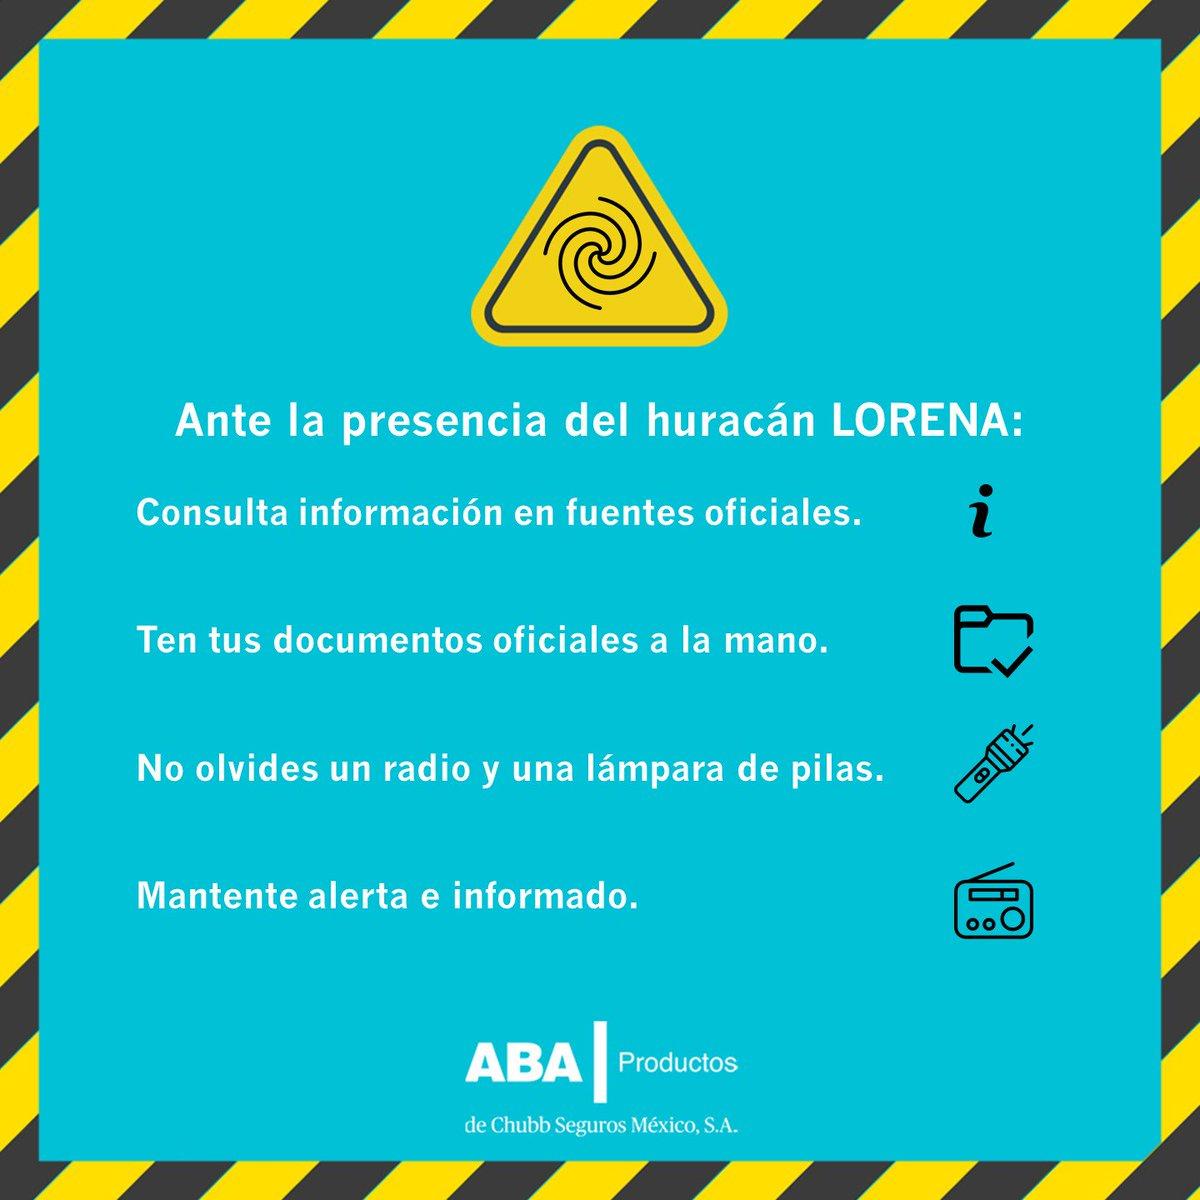 Ante la cercanía del huracán #Lorena, presta mucha atención. #ABAContigo https://t.co/R6nc5wsArO